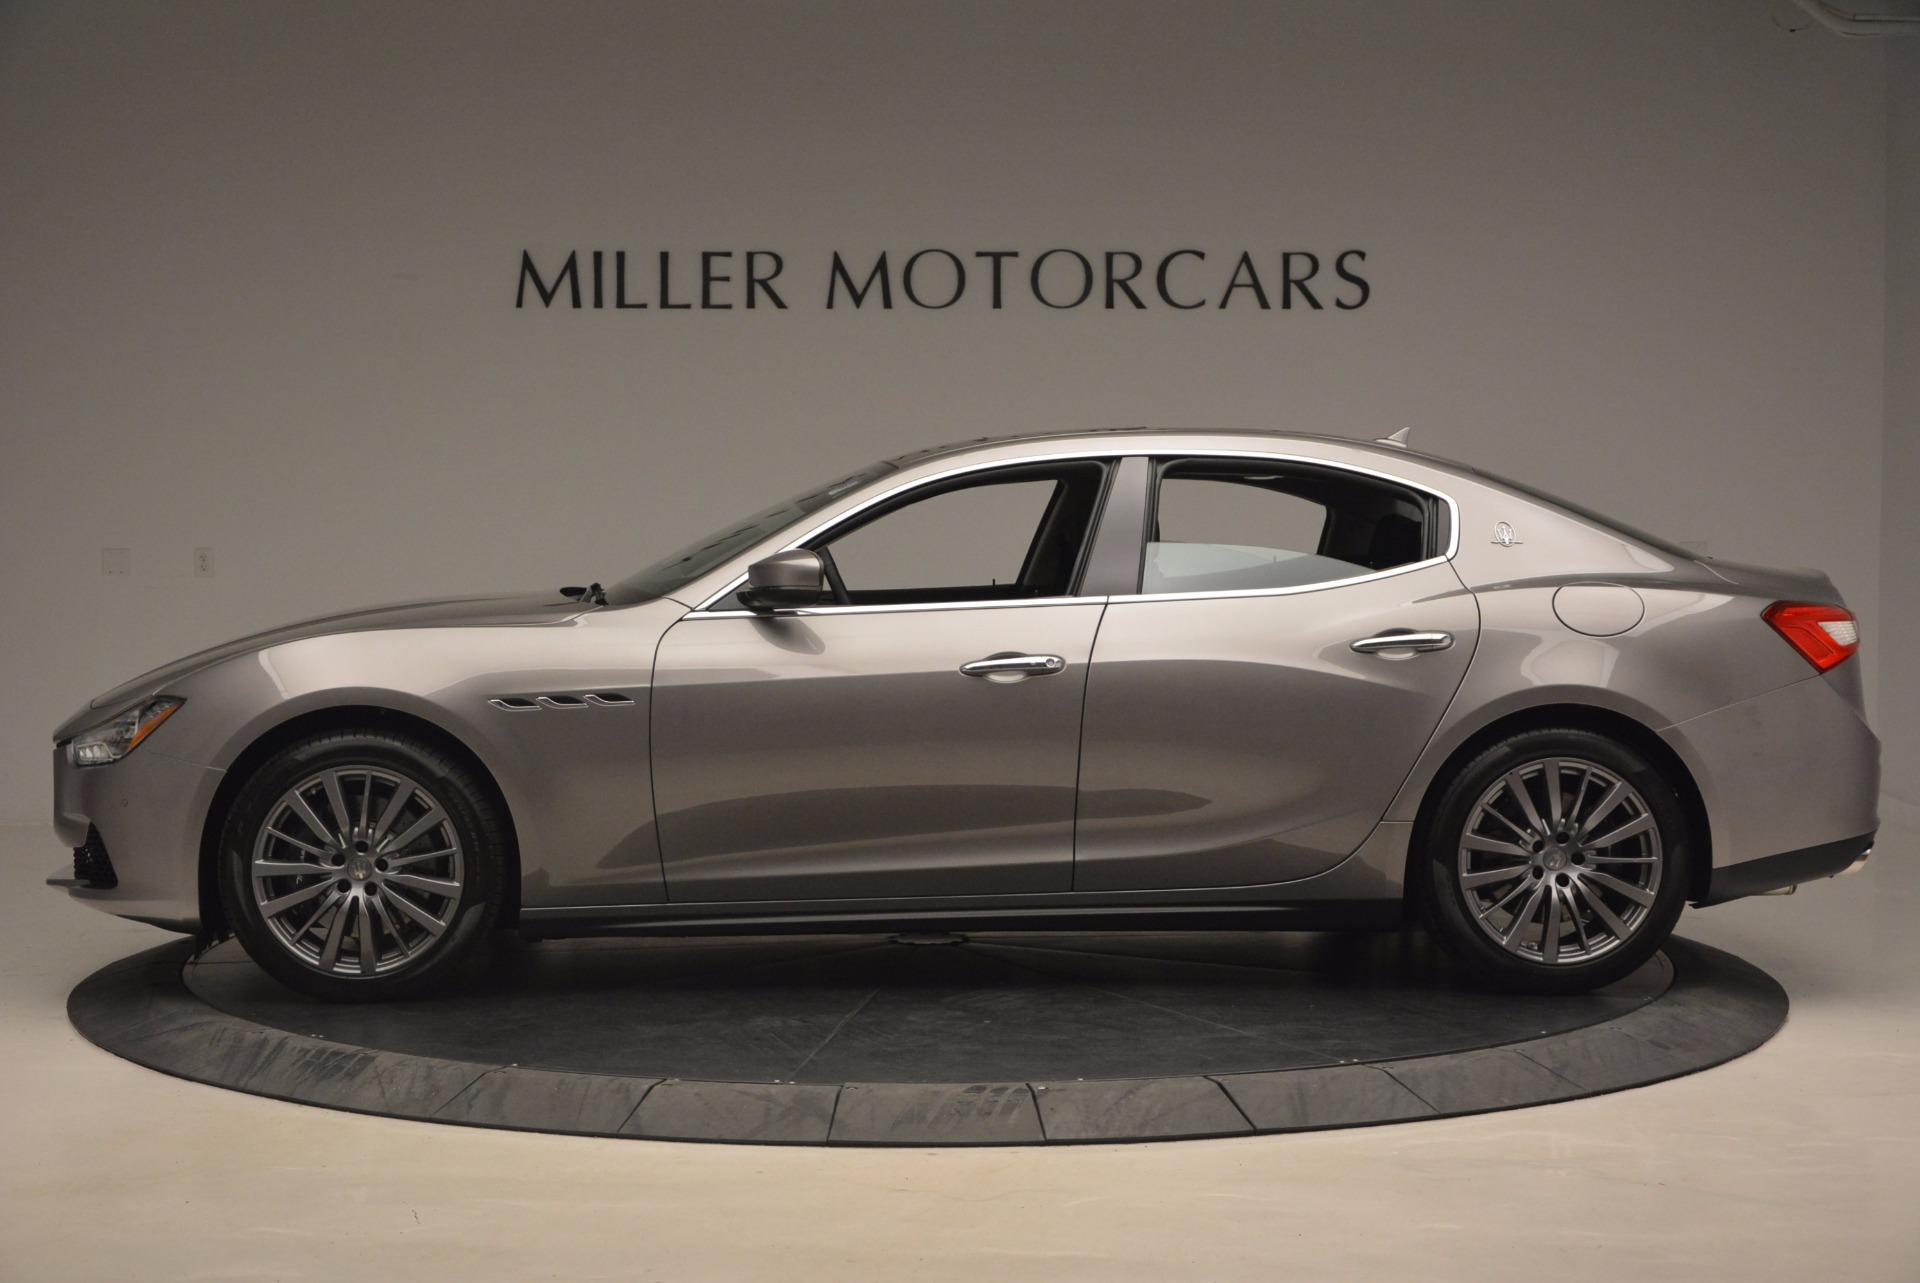 New 2017 Maserati Ghibli SQ4 For Sale In Greenwich, CT 1109_p3